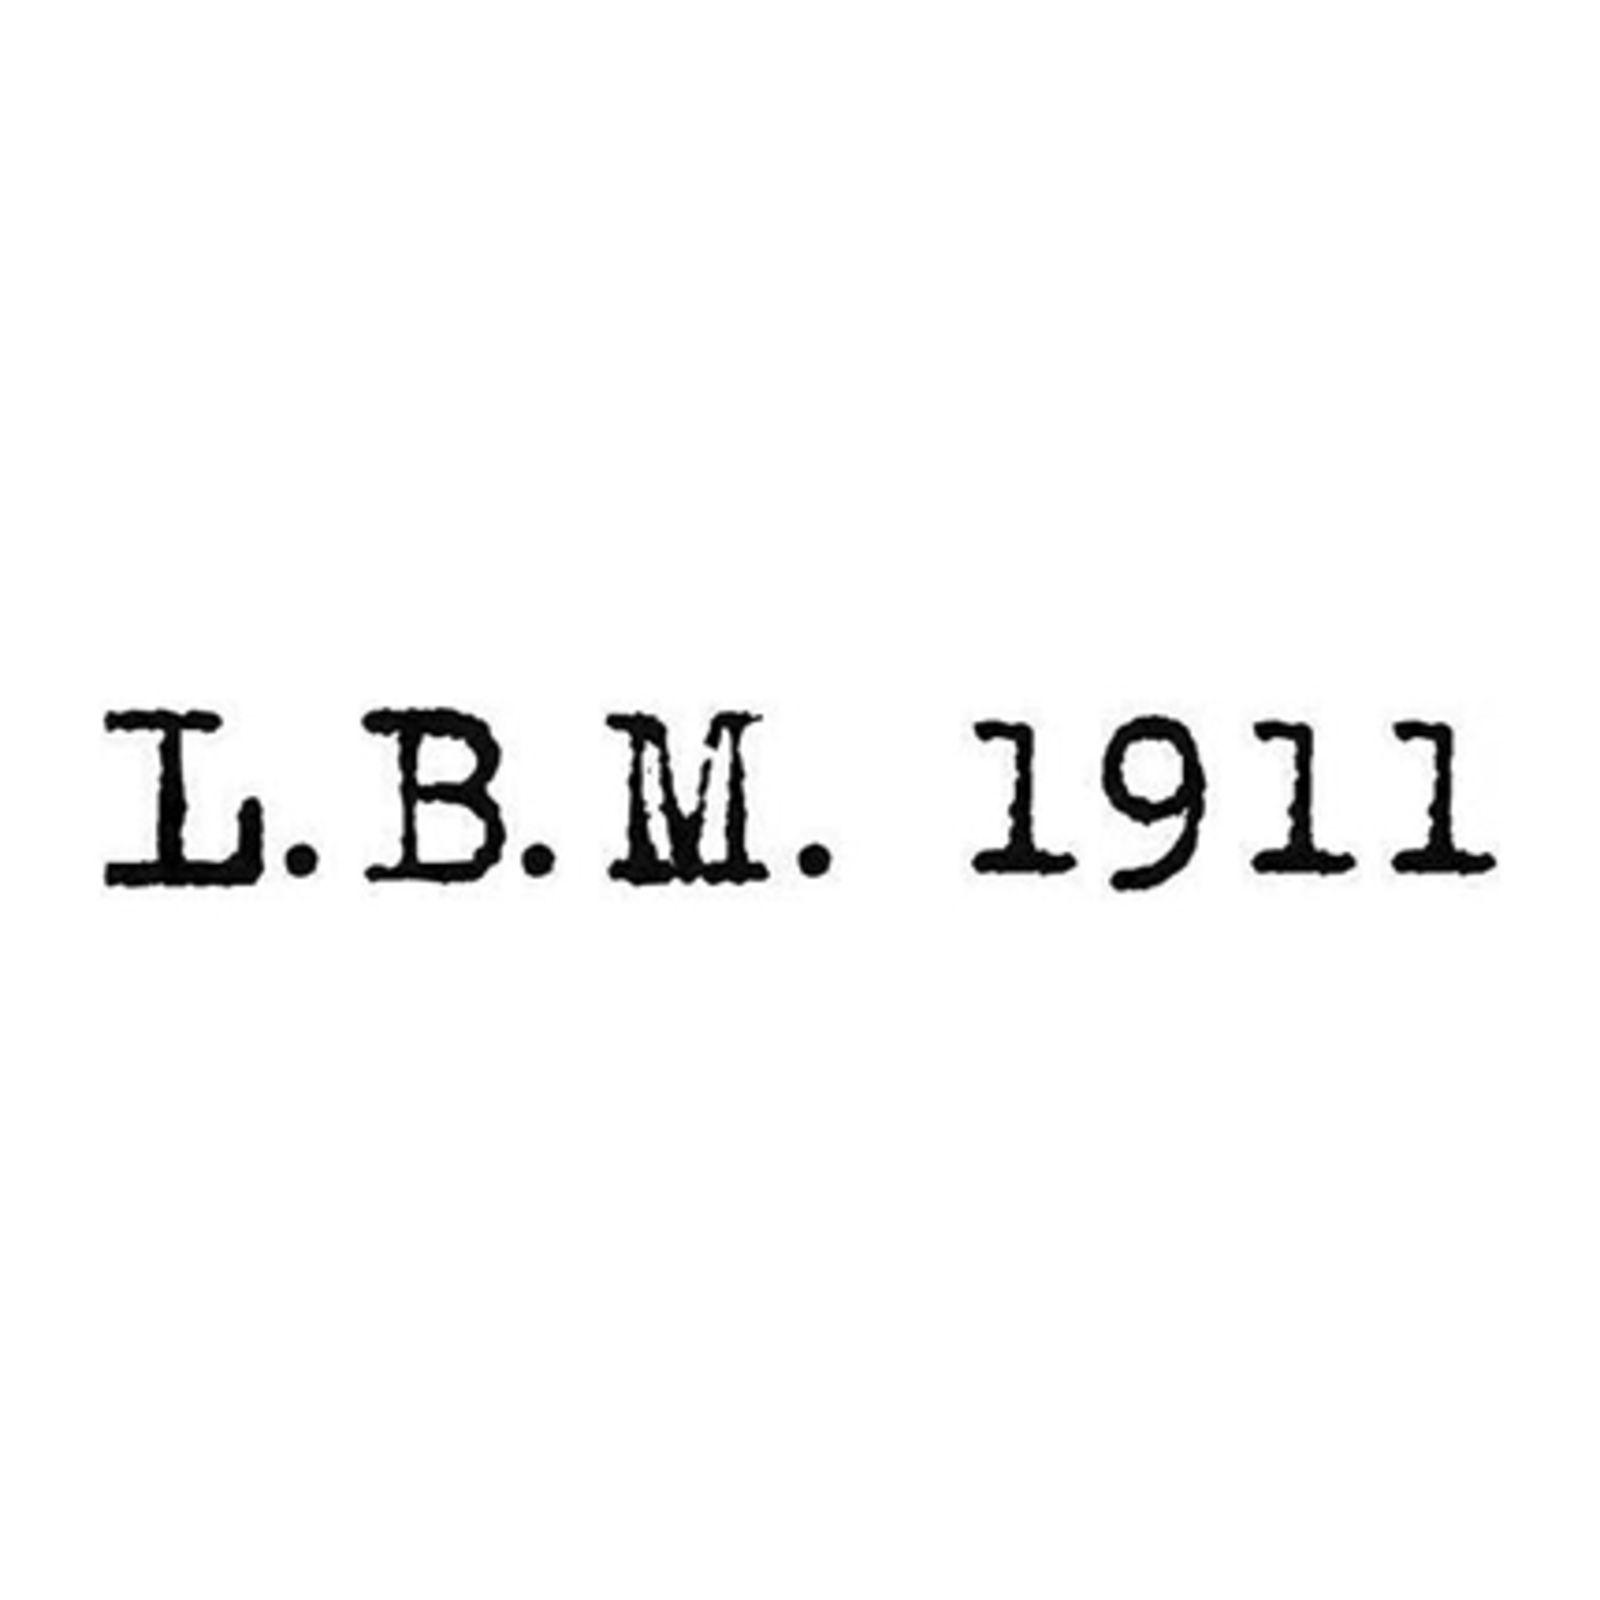 L.B.M 1911